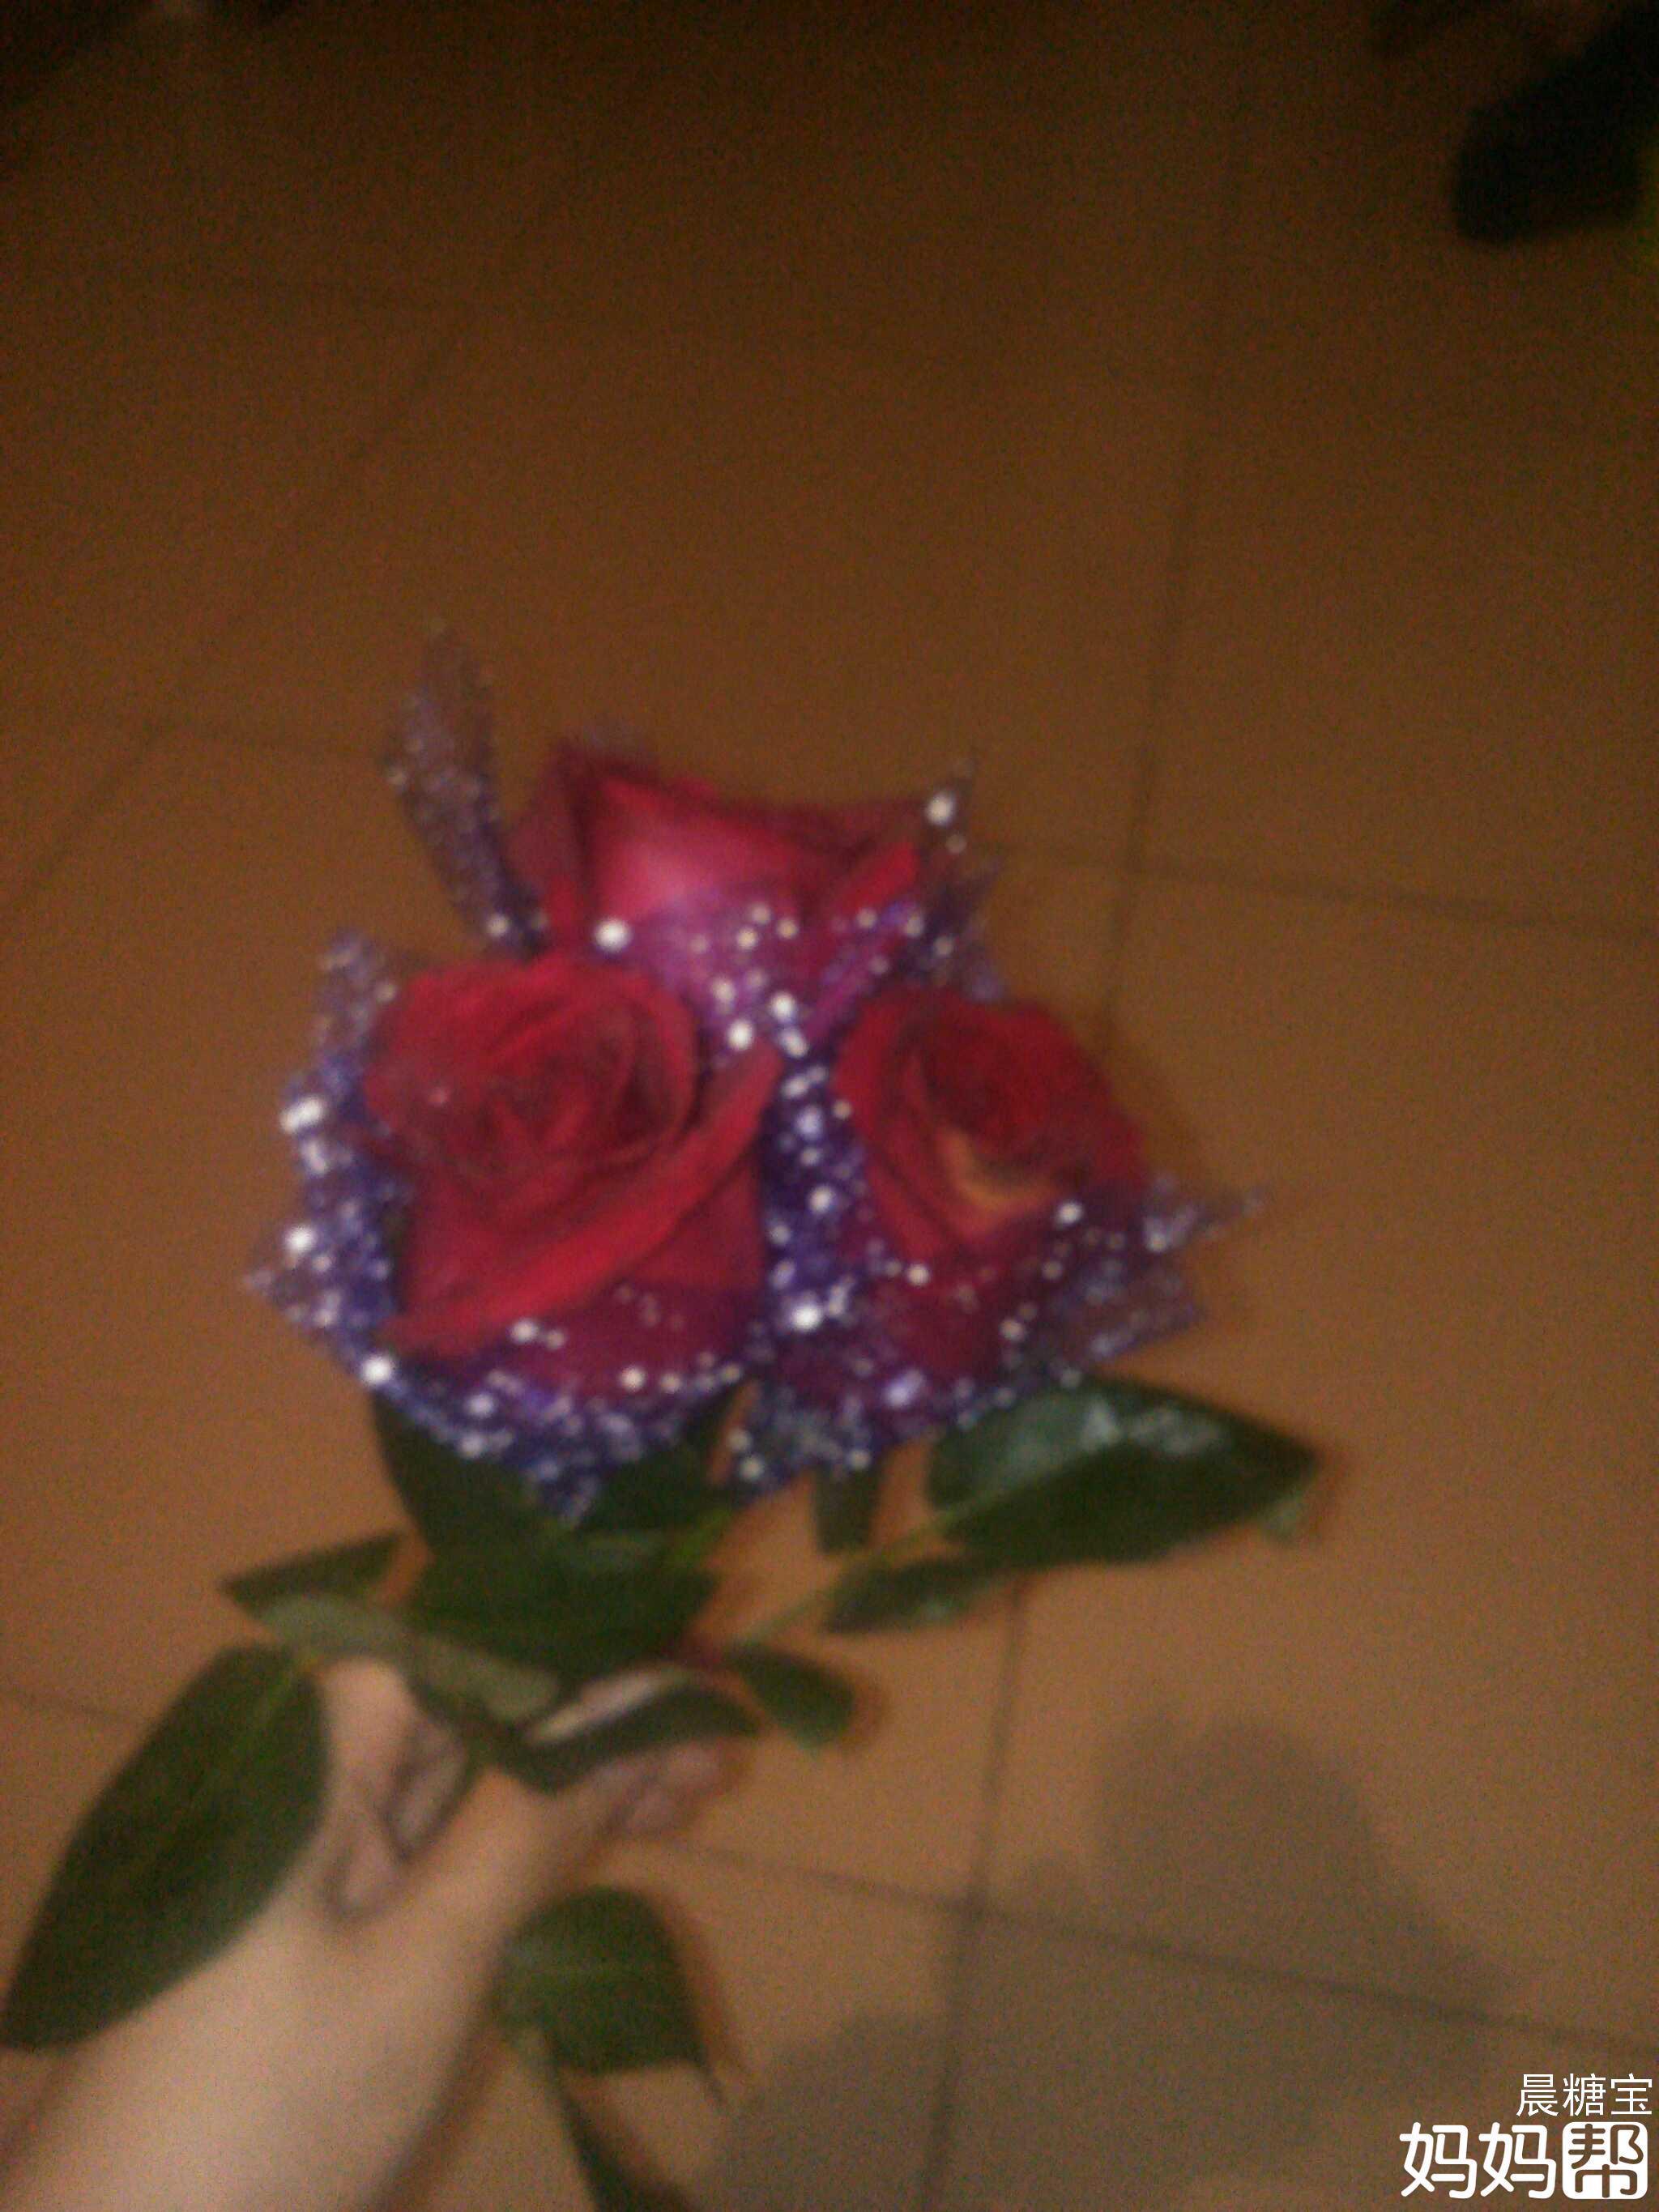 看见垃圾桶旁边有一大束玫瑰花